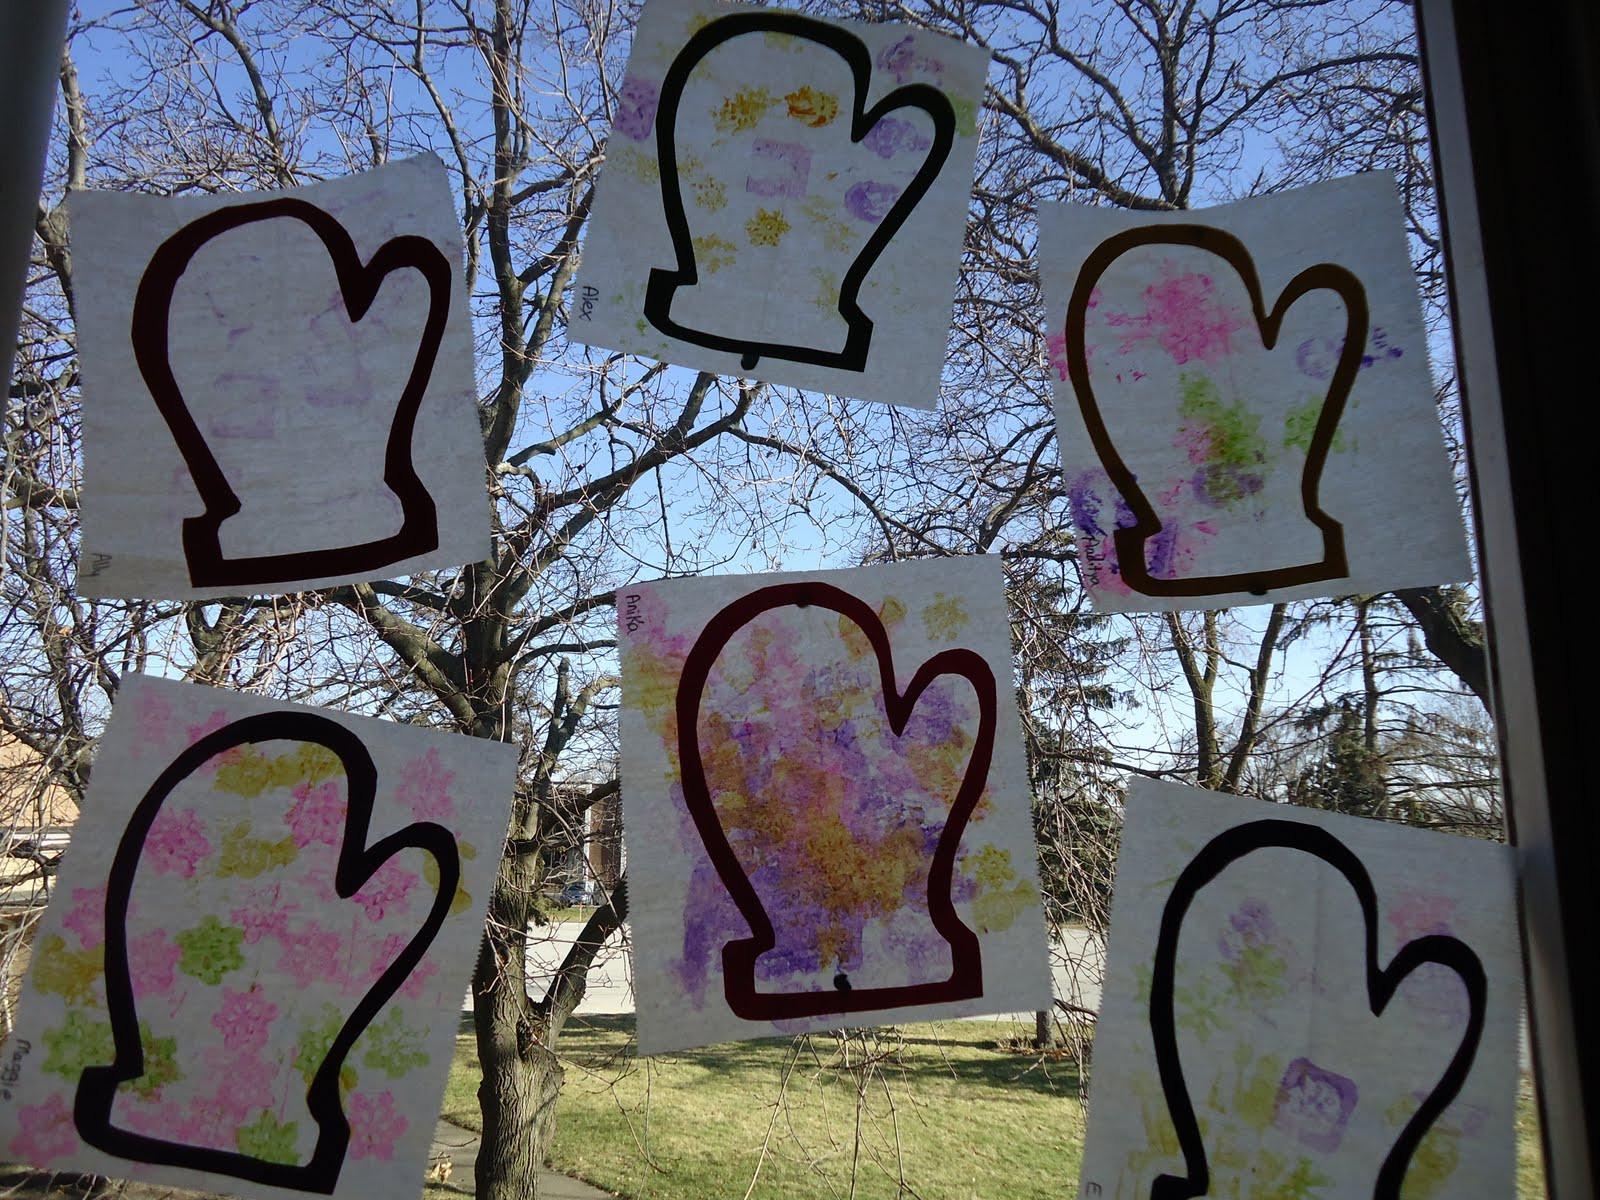 Best ideas about Winter Art Projects For Preschoolers . Save or Pin Trinity Preschool Mount Prospect Winter preschool art Now.